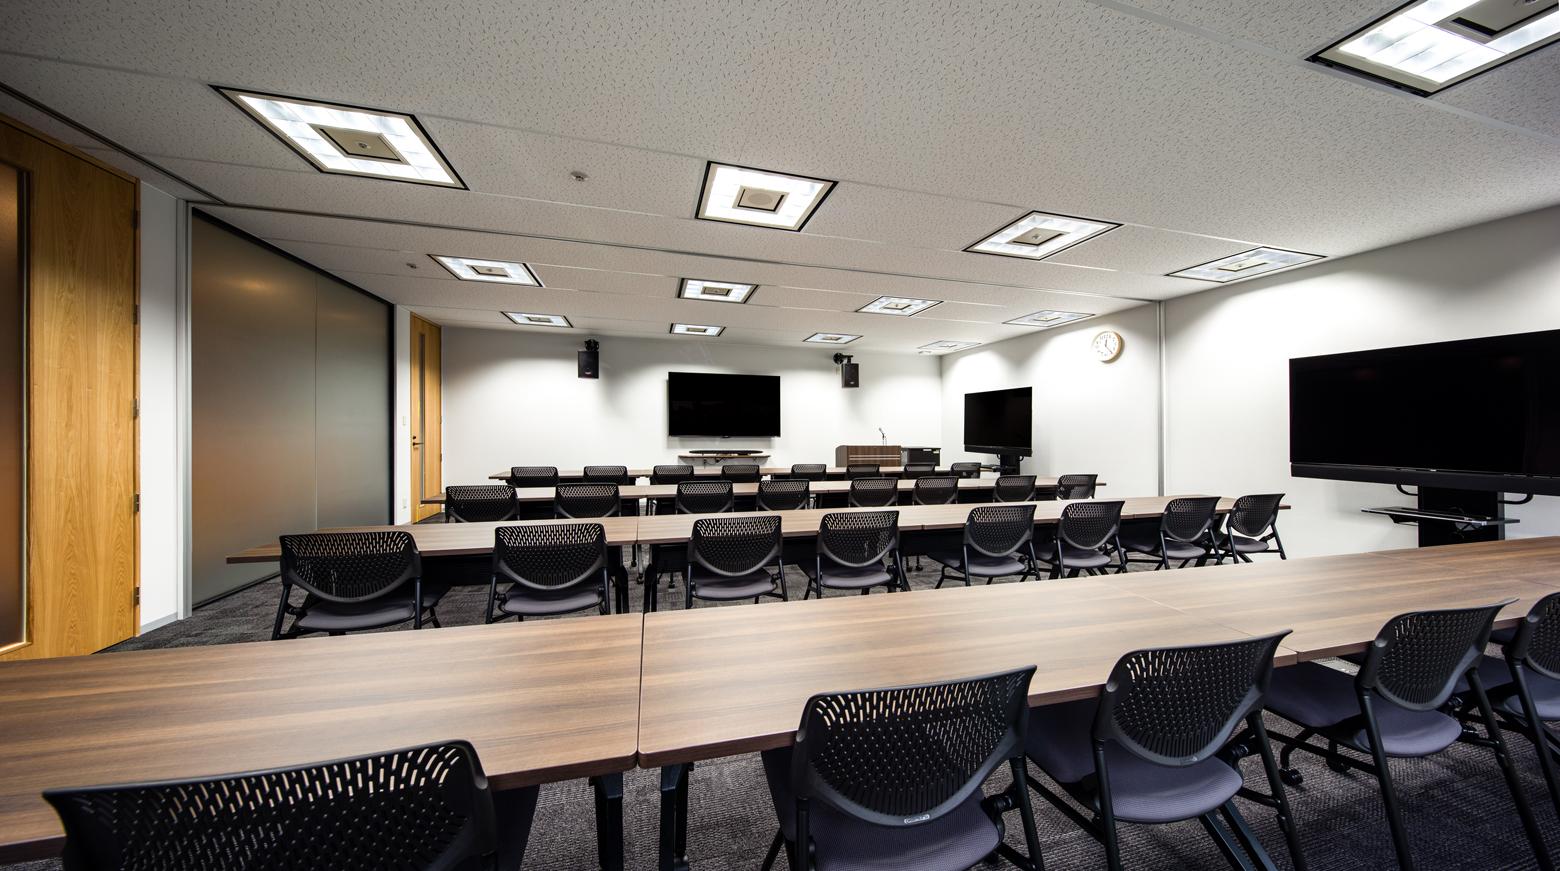 株式会社NTTぷらら Seminar Room デザイン・レイアウト事例